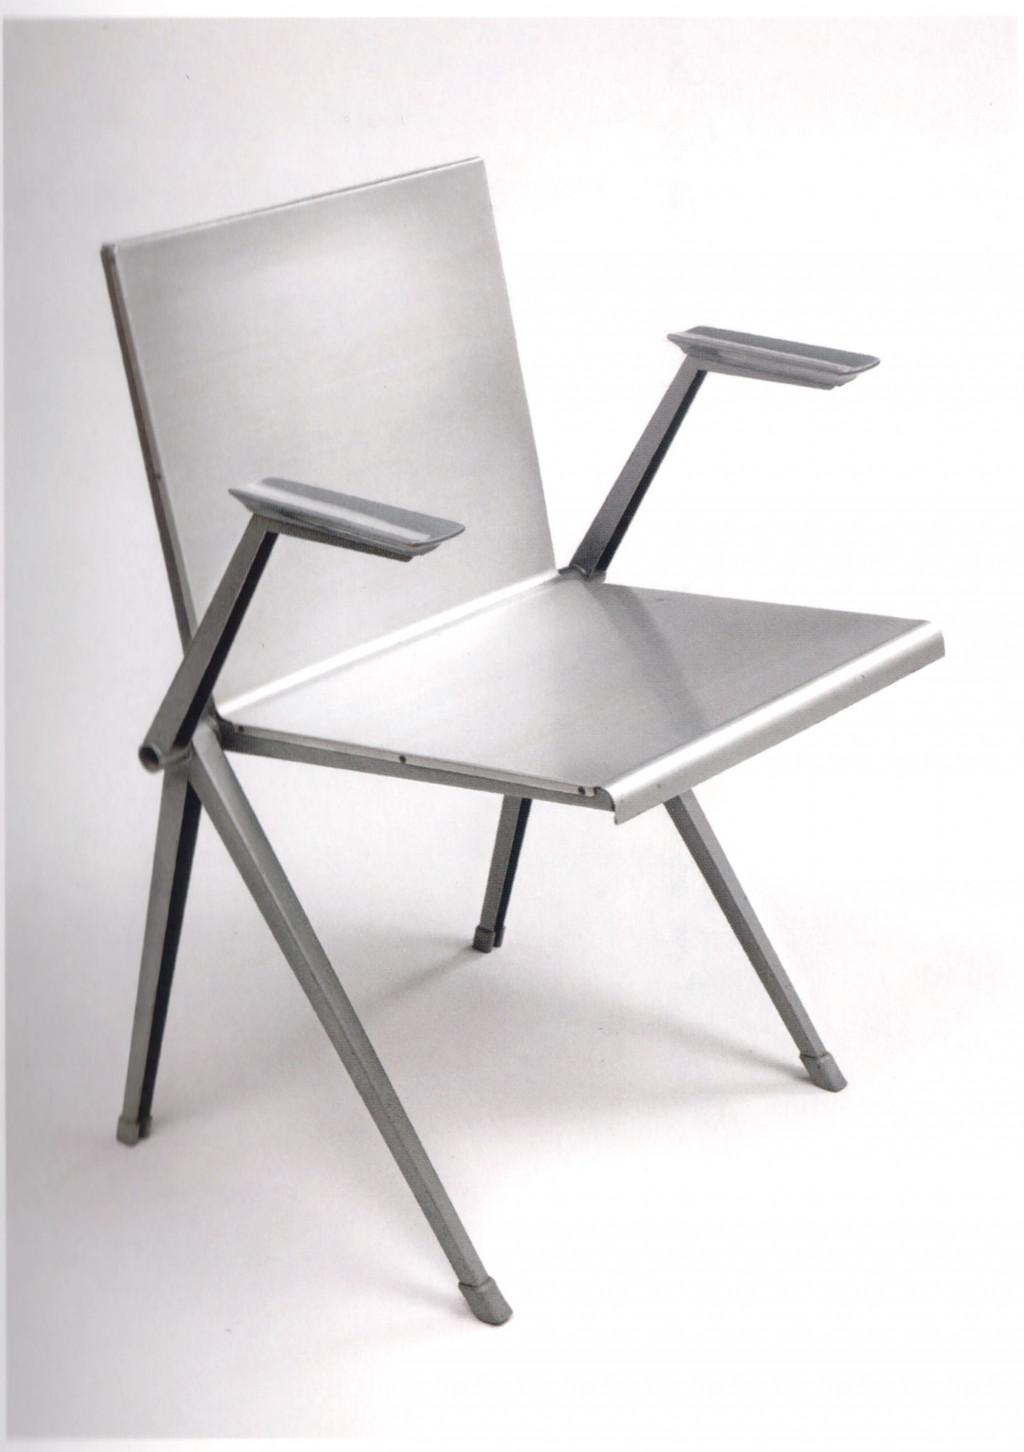 Fig. 20. Gerrit en Wim Rietveld, 'Mondial' stoel (prototype), staal en aluminium, 1957. Bron: Van Zijl 2010, p. 113